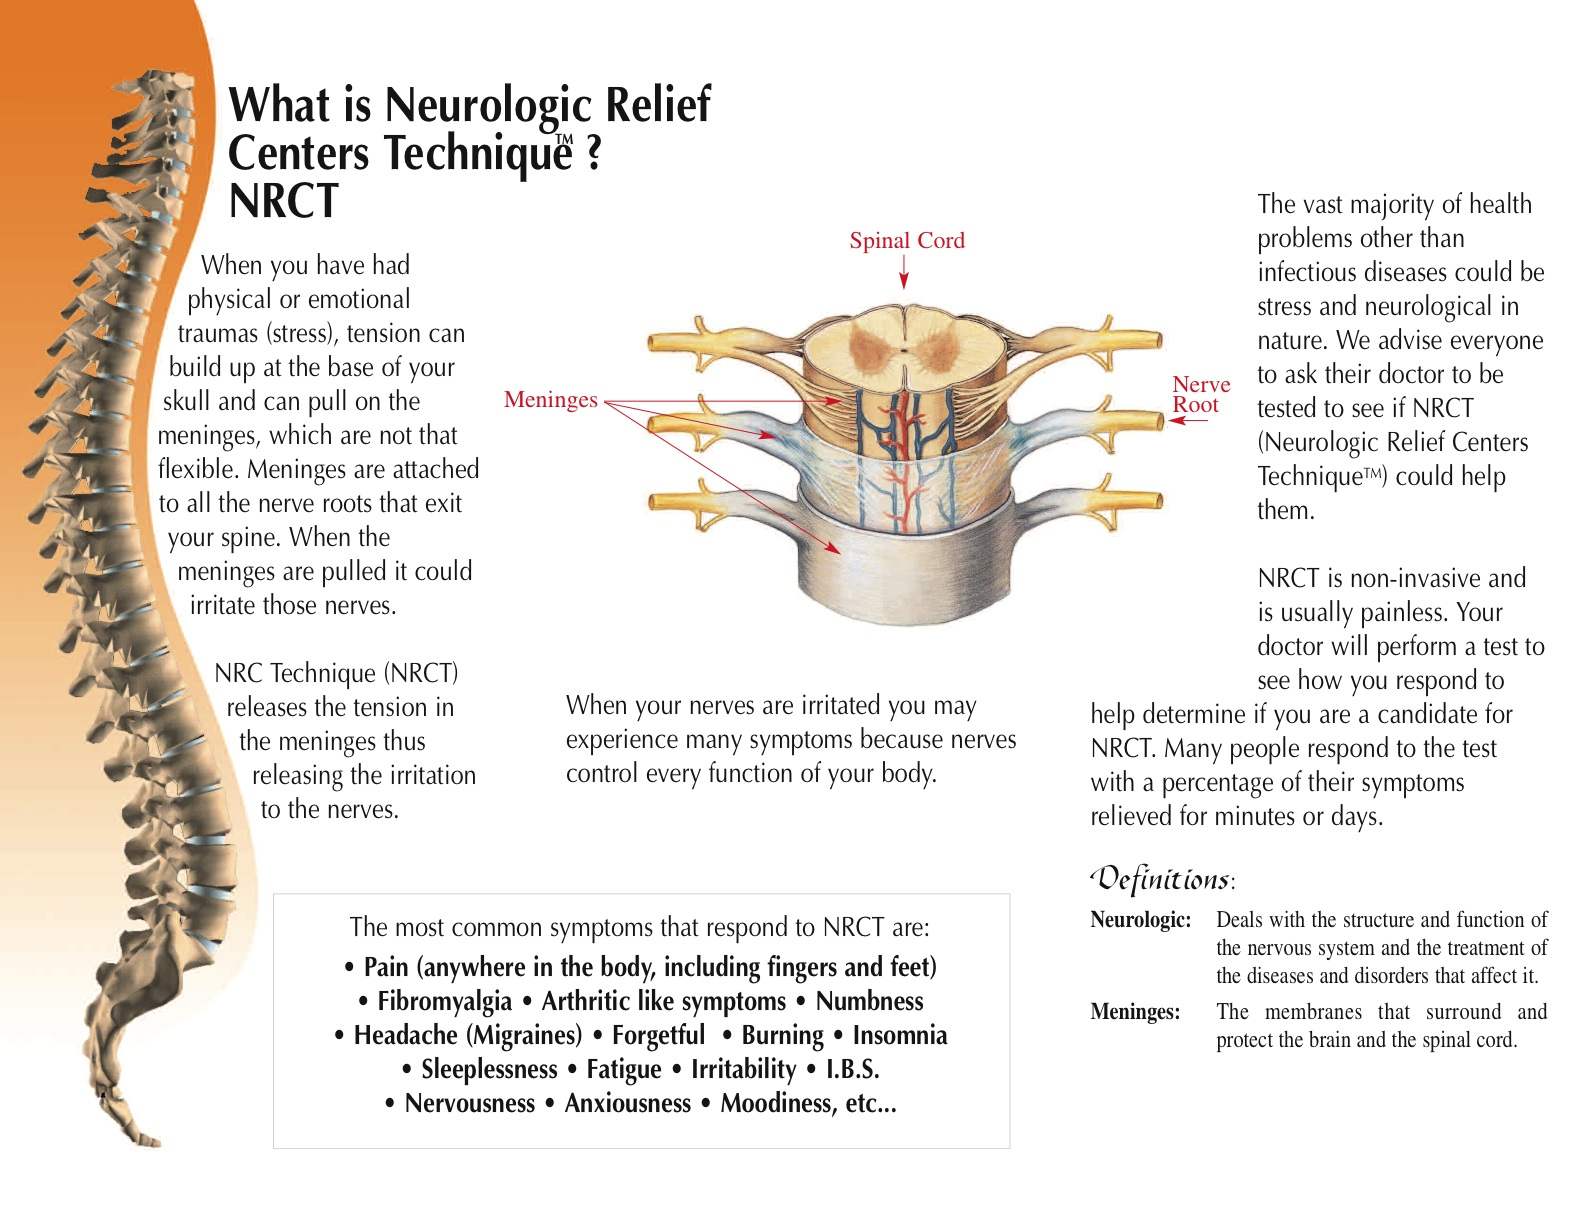 NRCTechnique